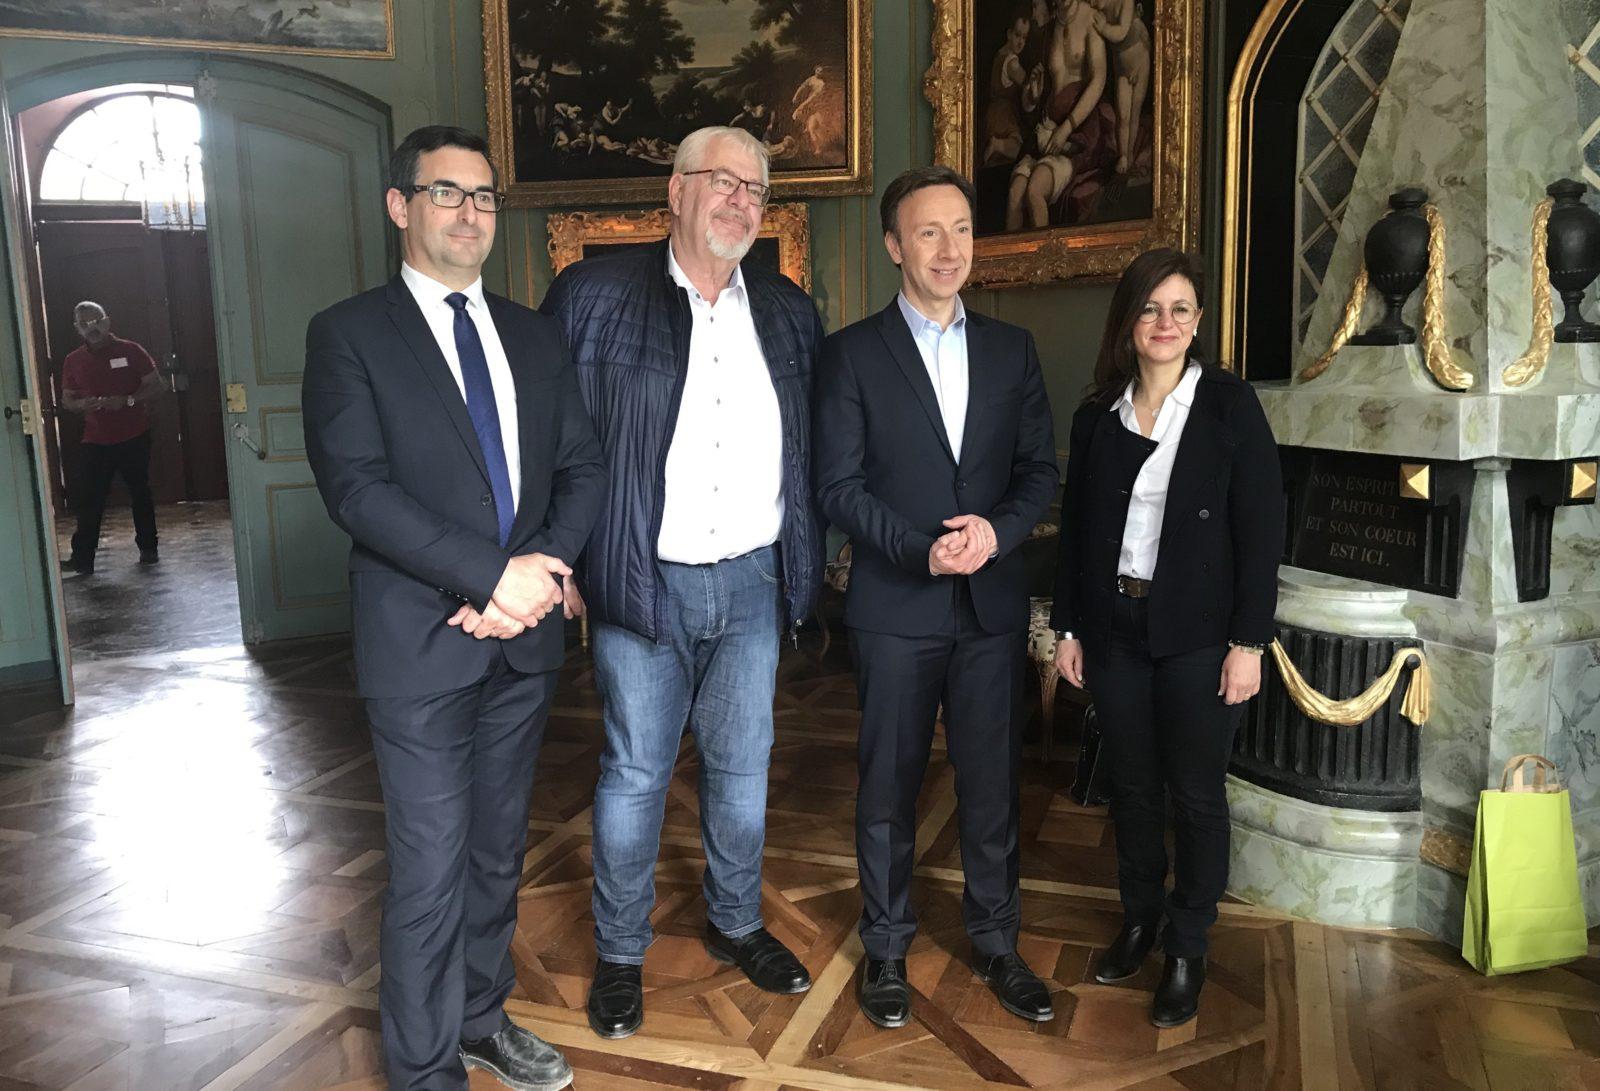 Stephane Bern, Daniel Raphoz, François-Xavier Verger,Andrew Brown